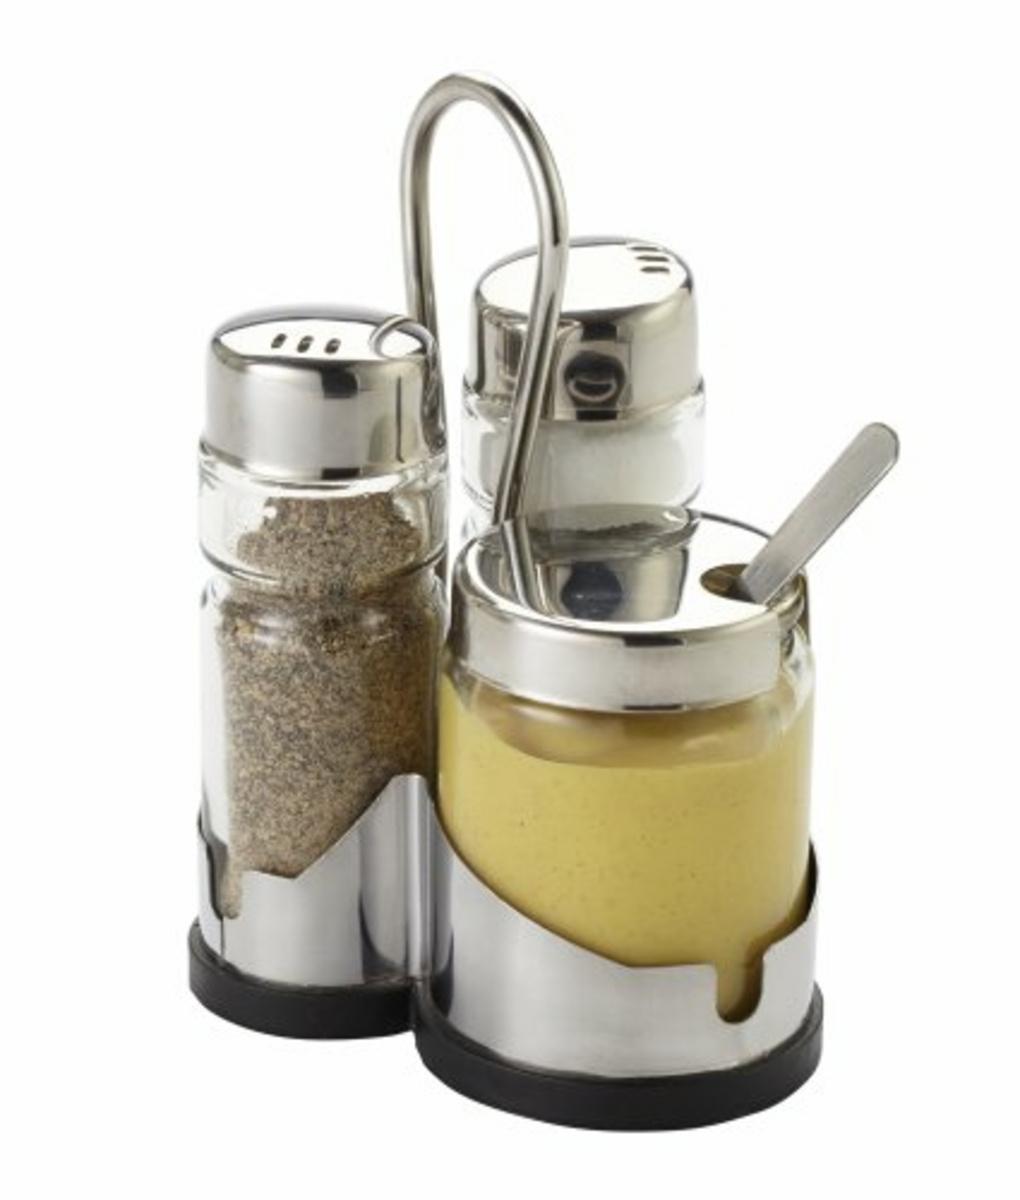 Ménagère sel/poivre/moutarde transparente 13 cm Eco Pro.mundi